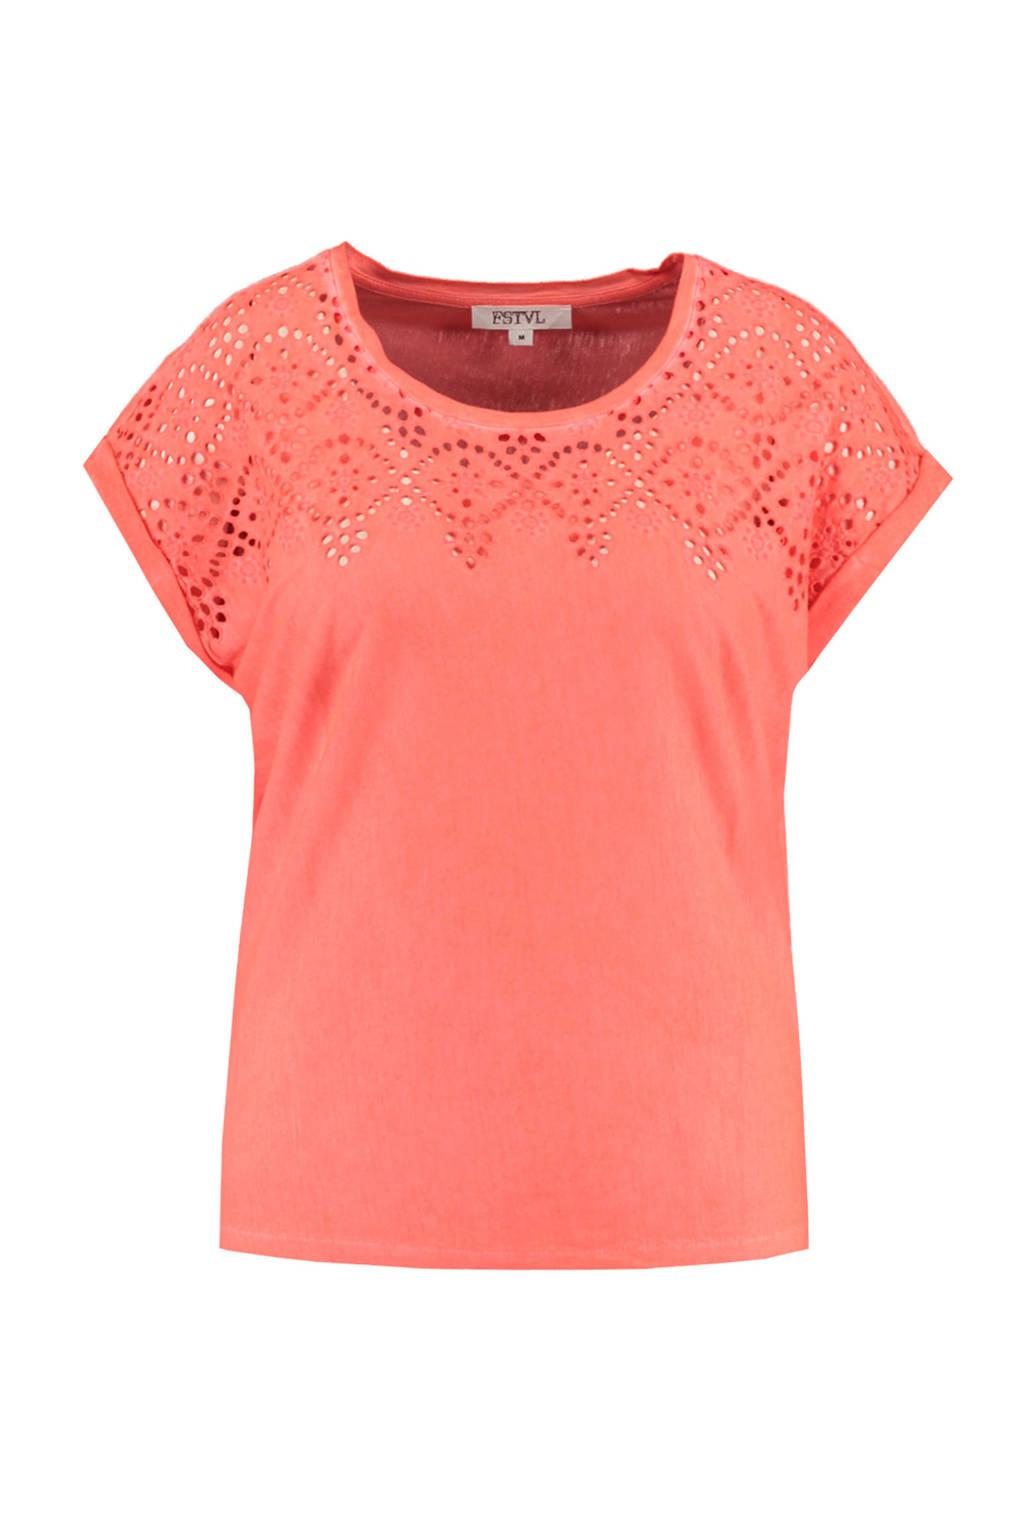 MS Mode T-shirt koraalrood, Koraalrood